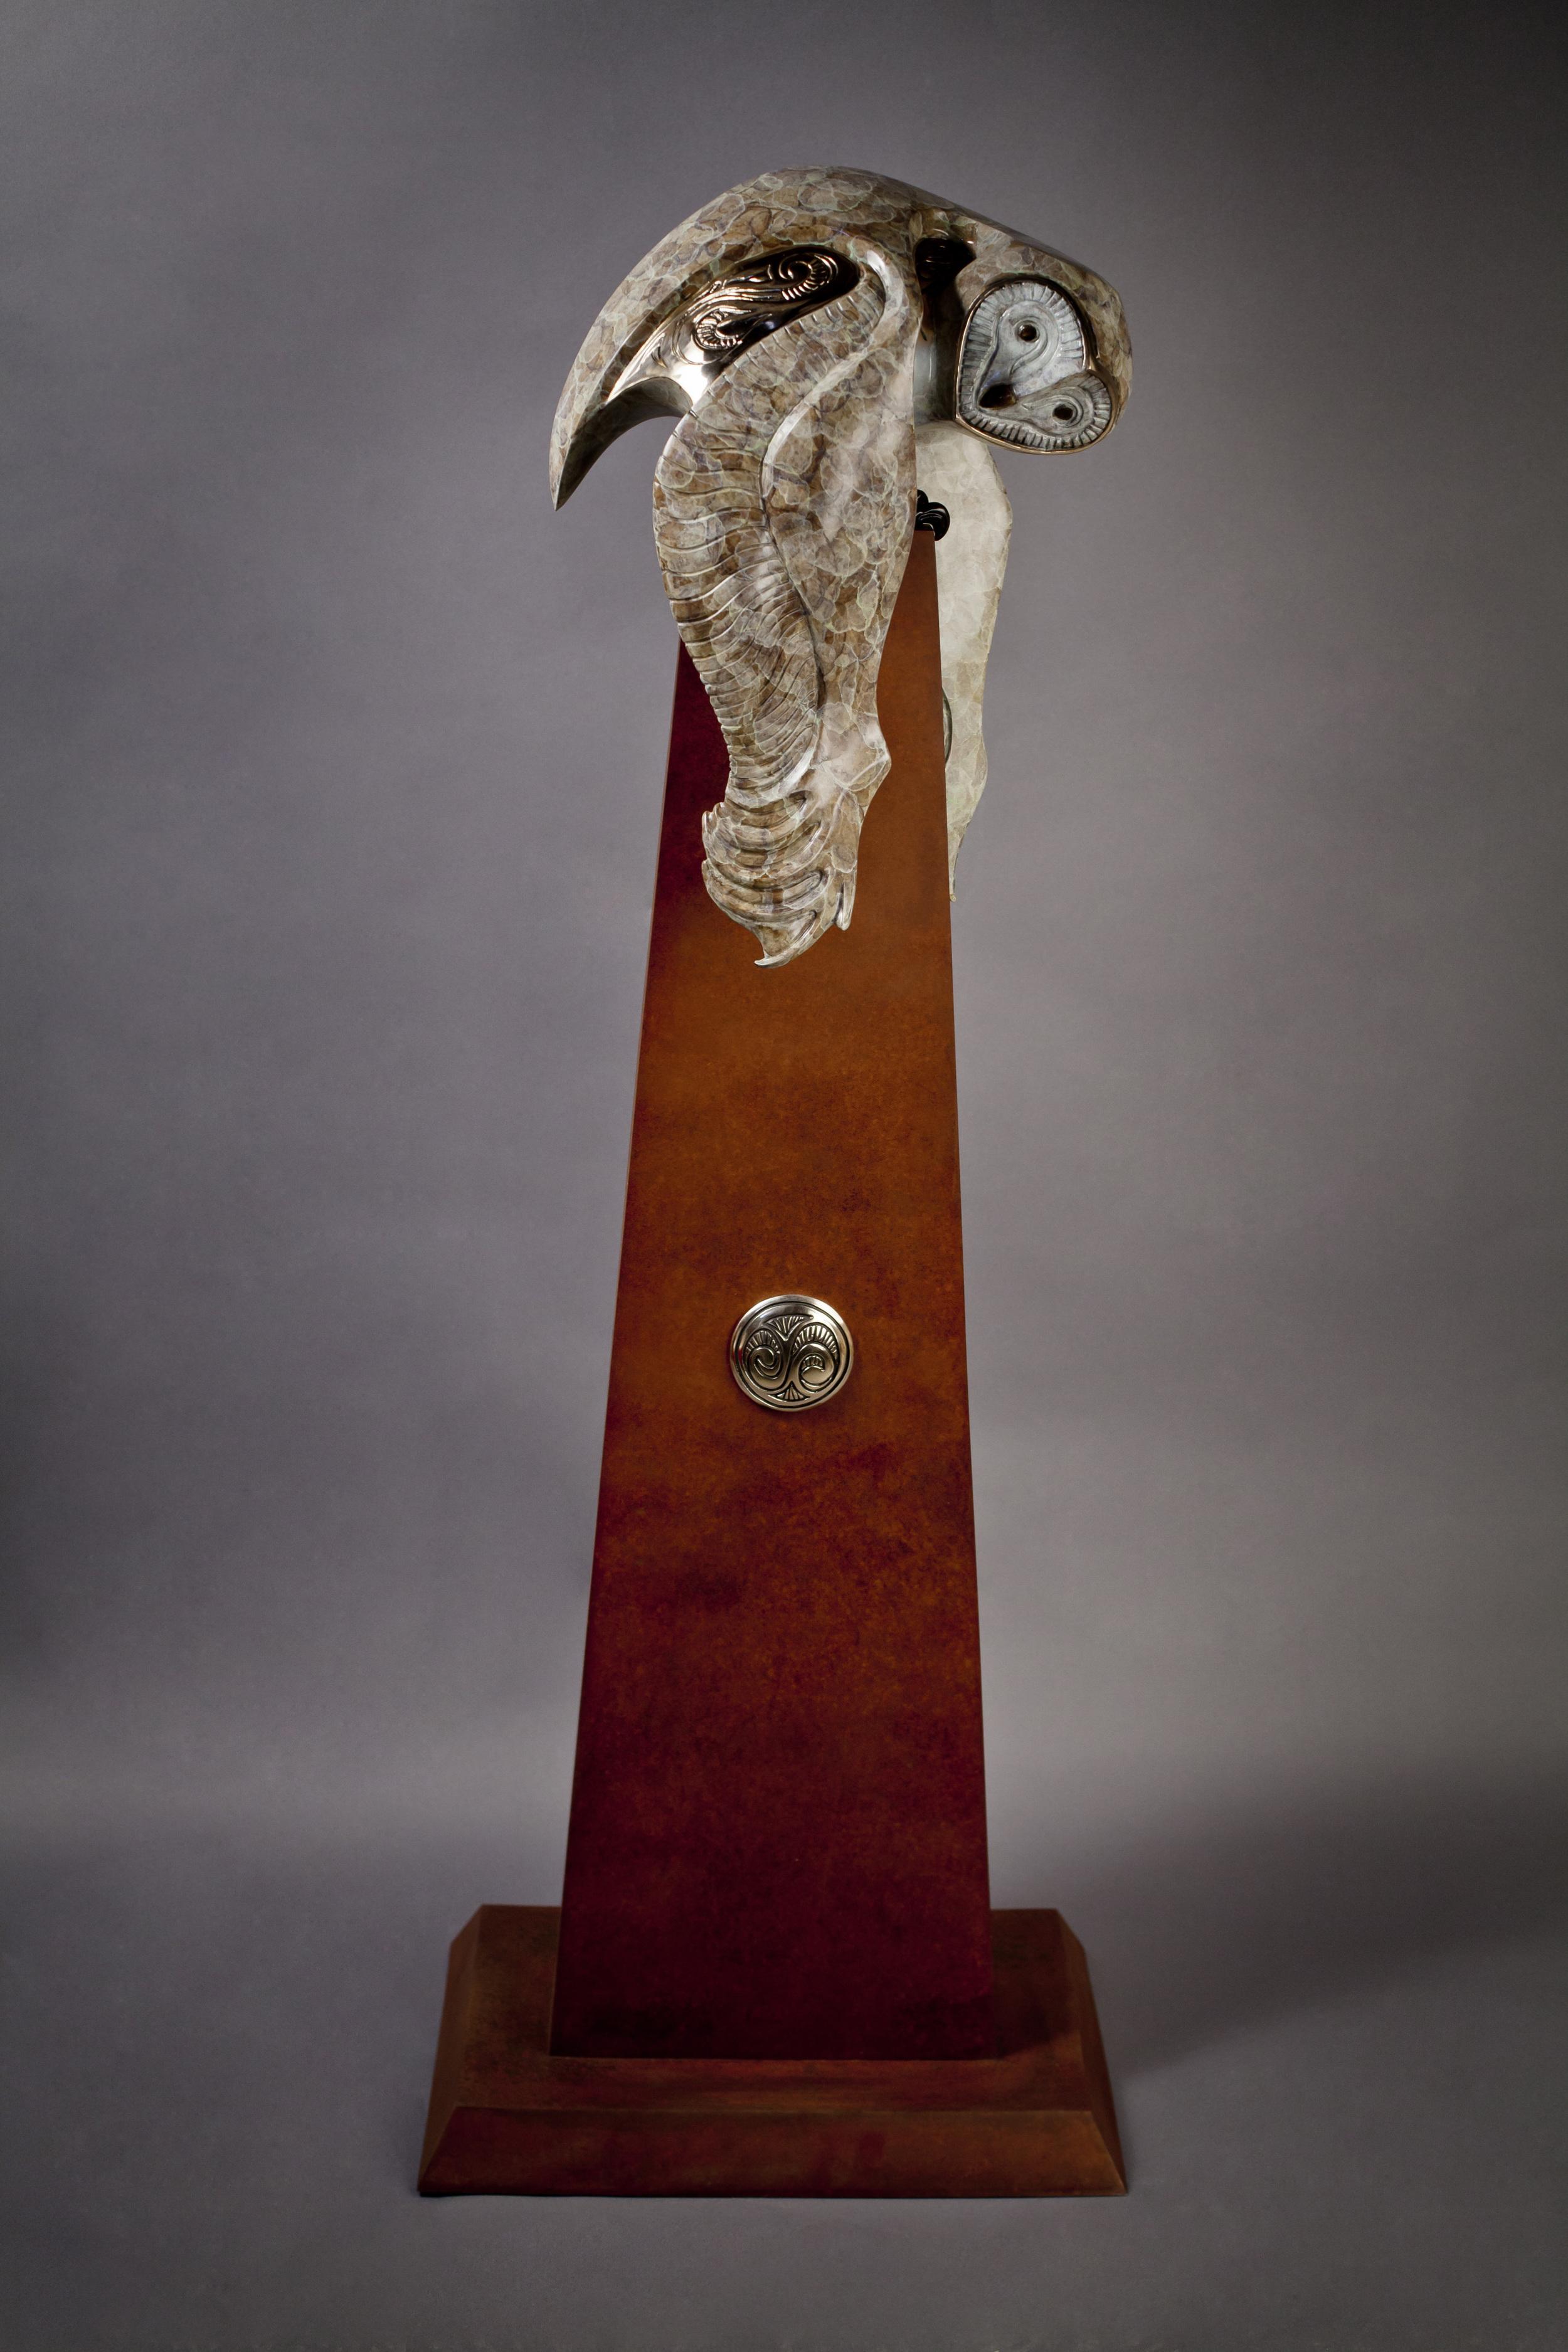 bronze-owl-sculpture-by-john-maisano-2.jpg